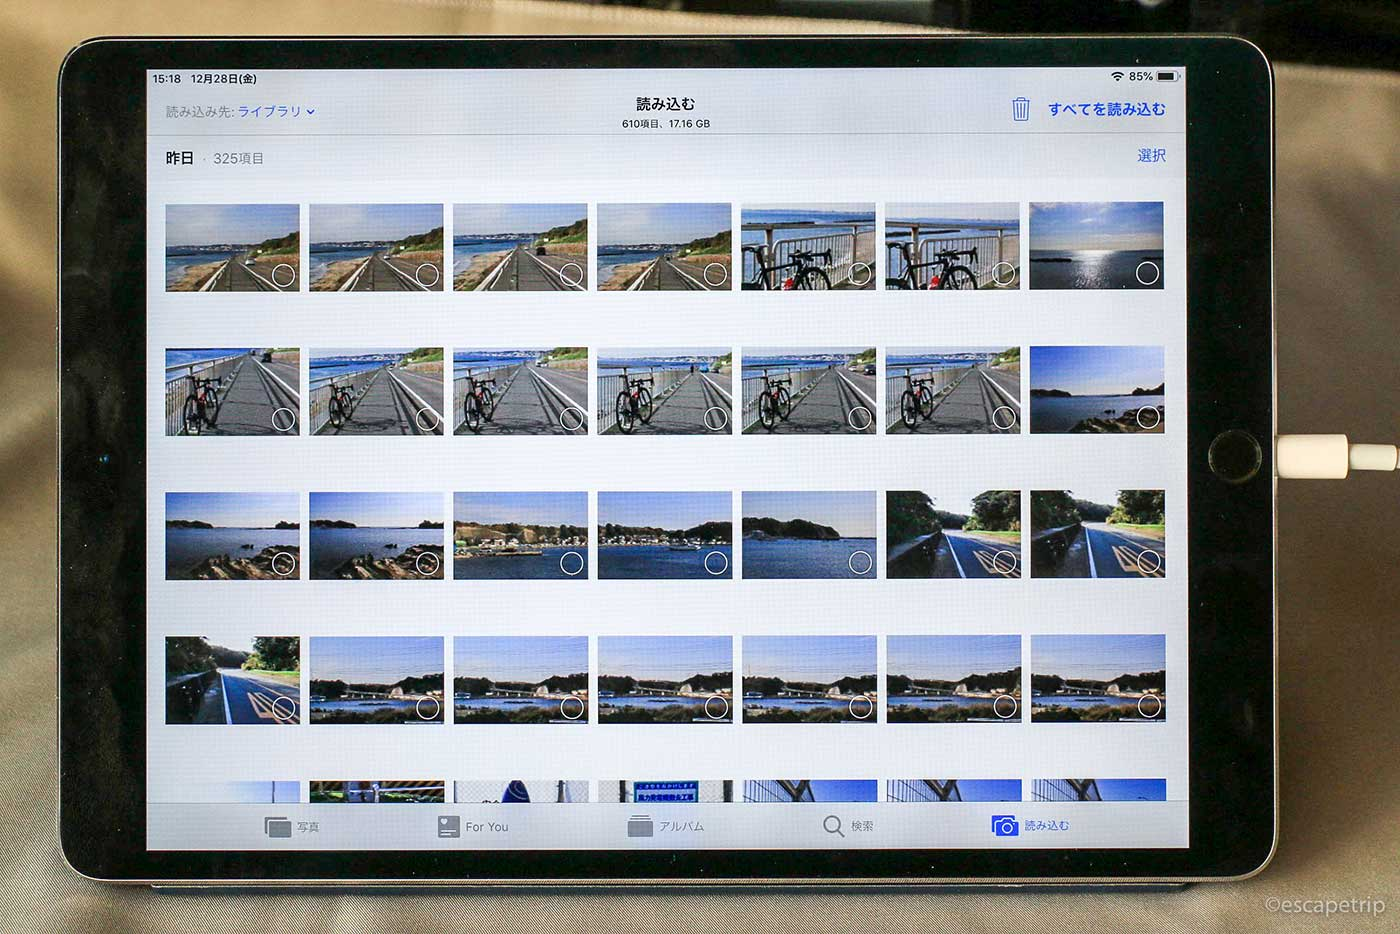 自動的にiOS標準写真アプリが起動